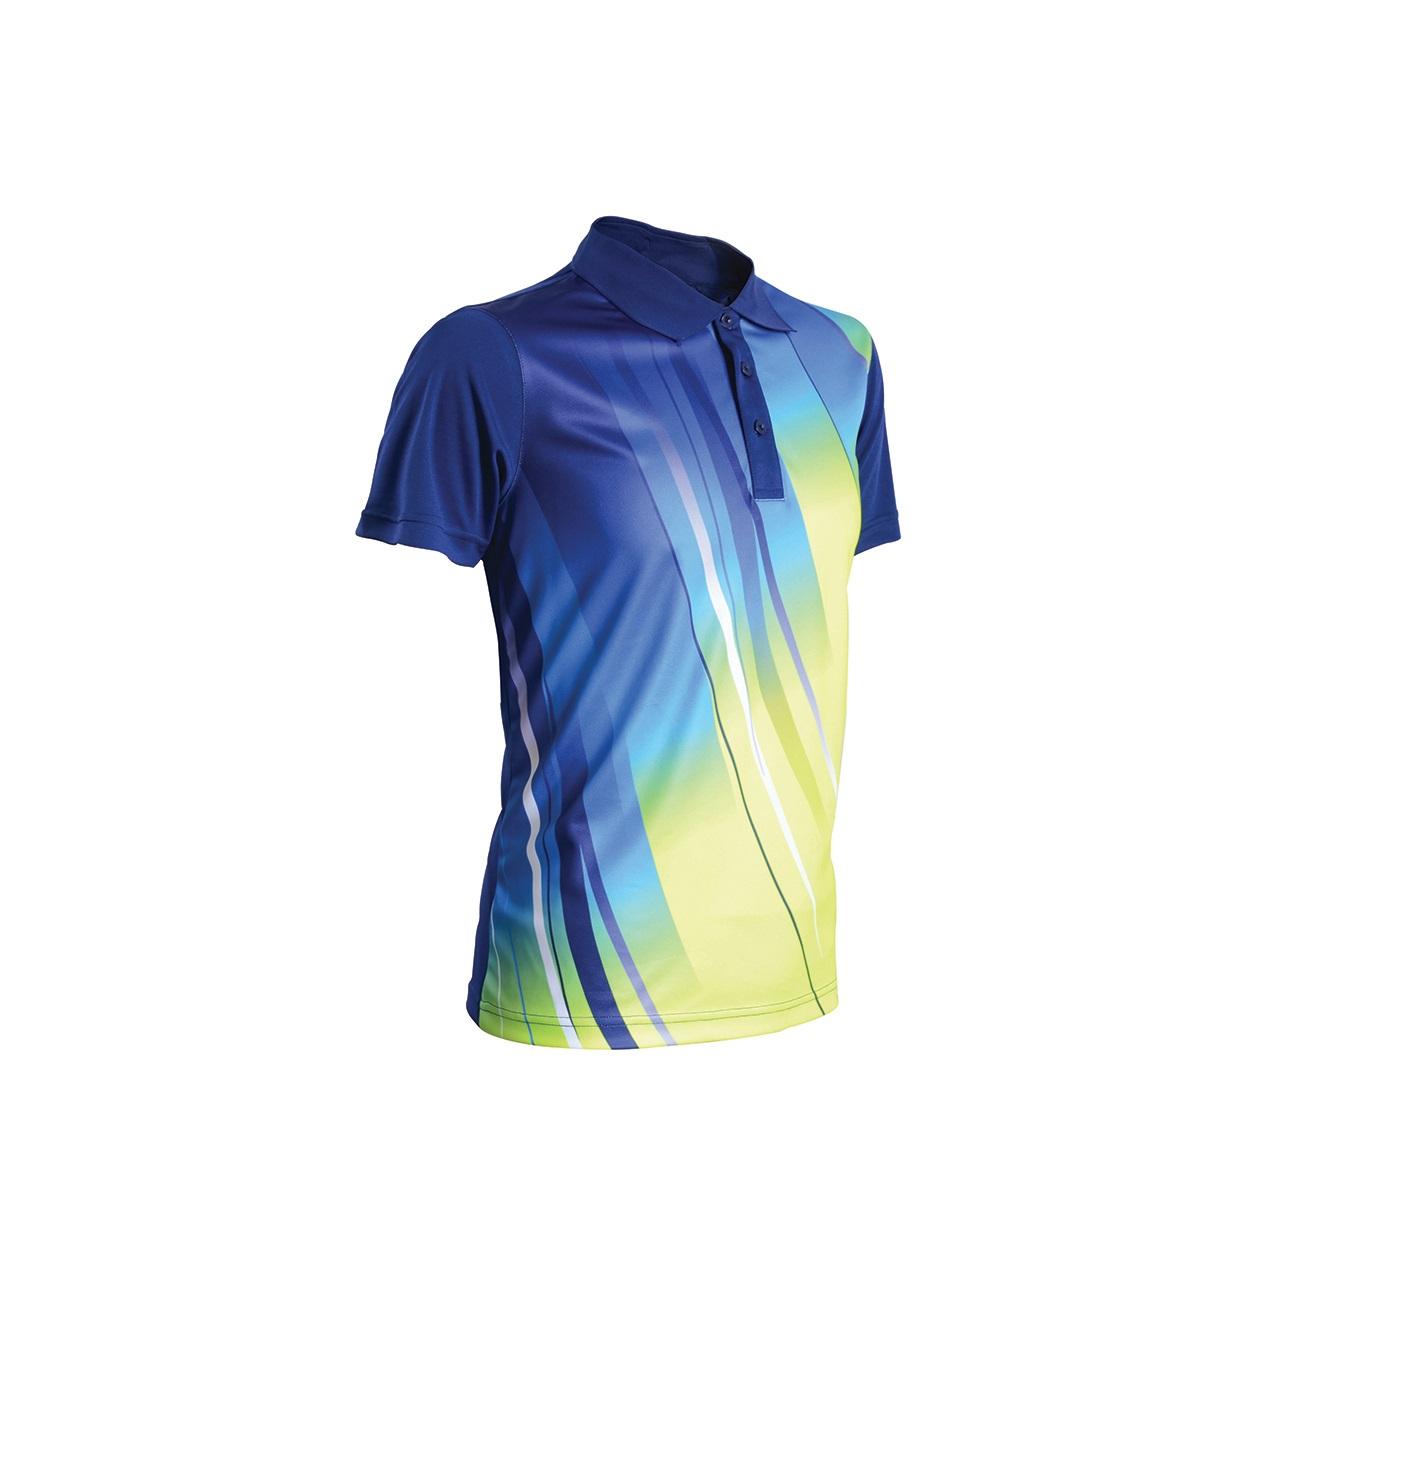 Design t shirt neon colors - Qd 4209 Navy Blue Fluorescent Yellow Ocean Blue